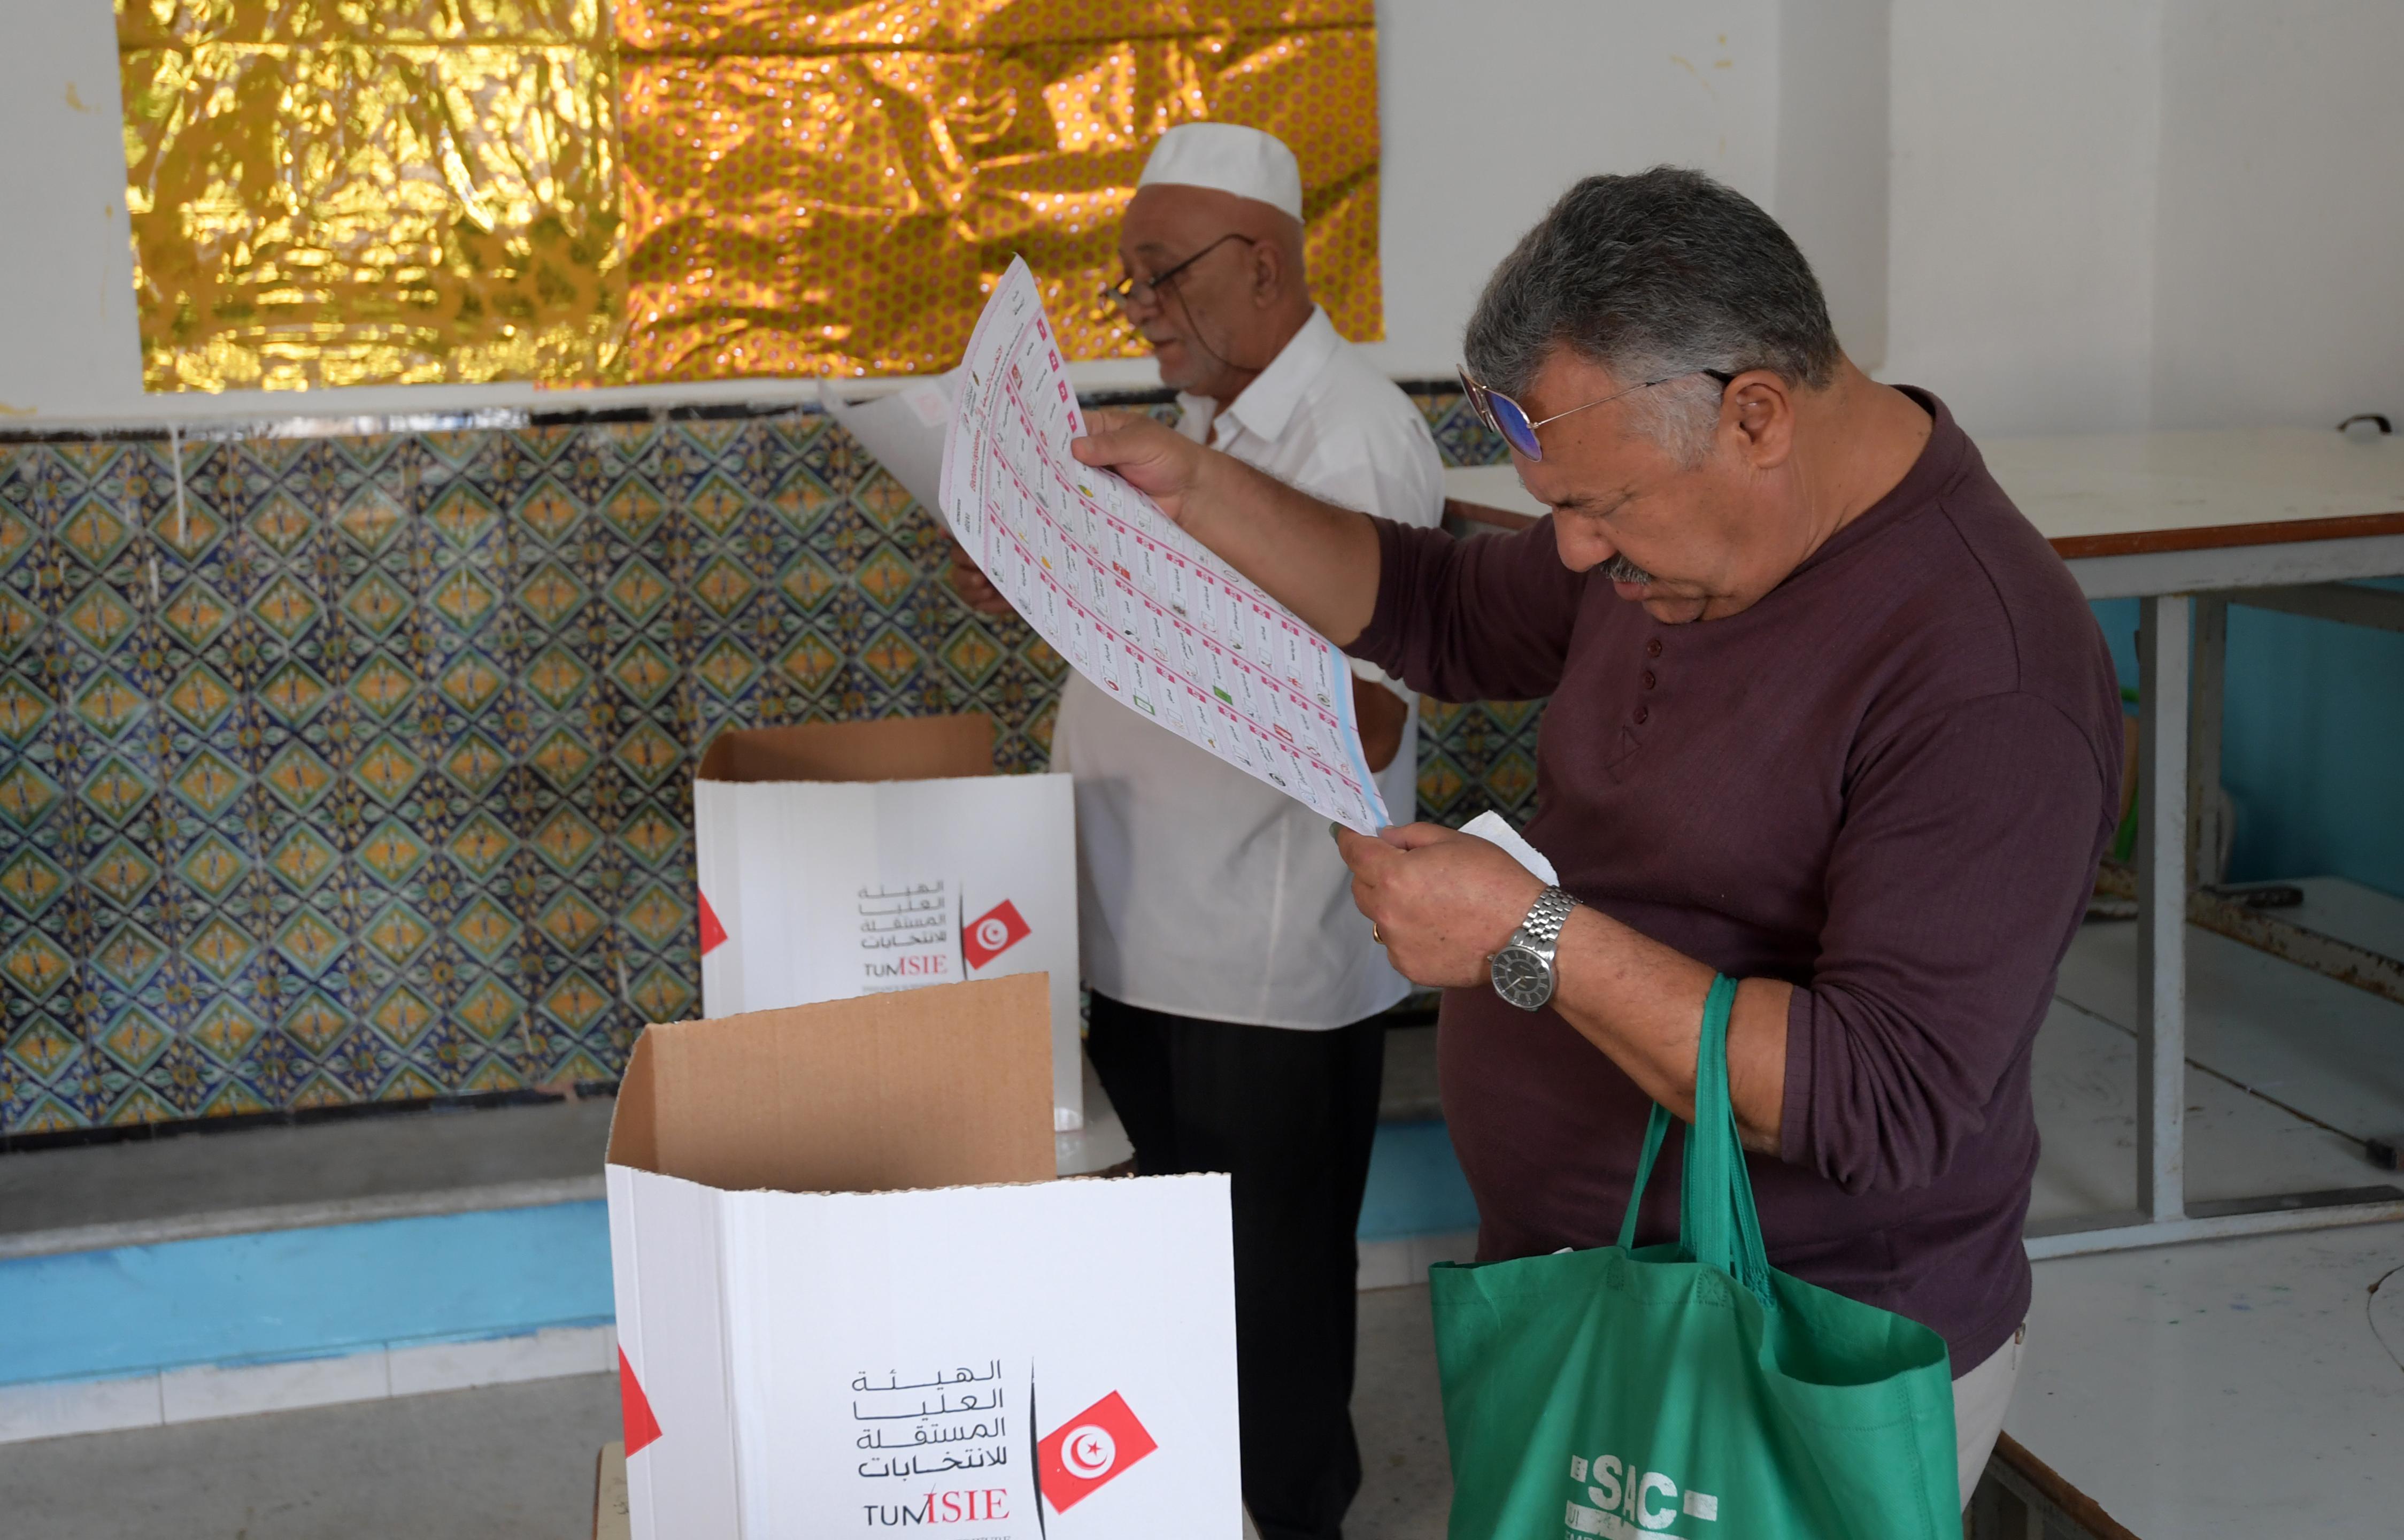 تونسي يتفحص قائمة المرشحين استعدادا للإدلاء بصوته في الانتخابات